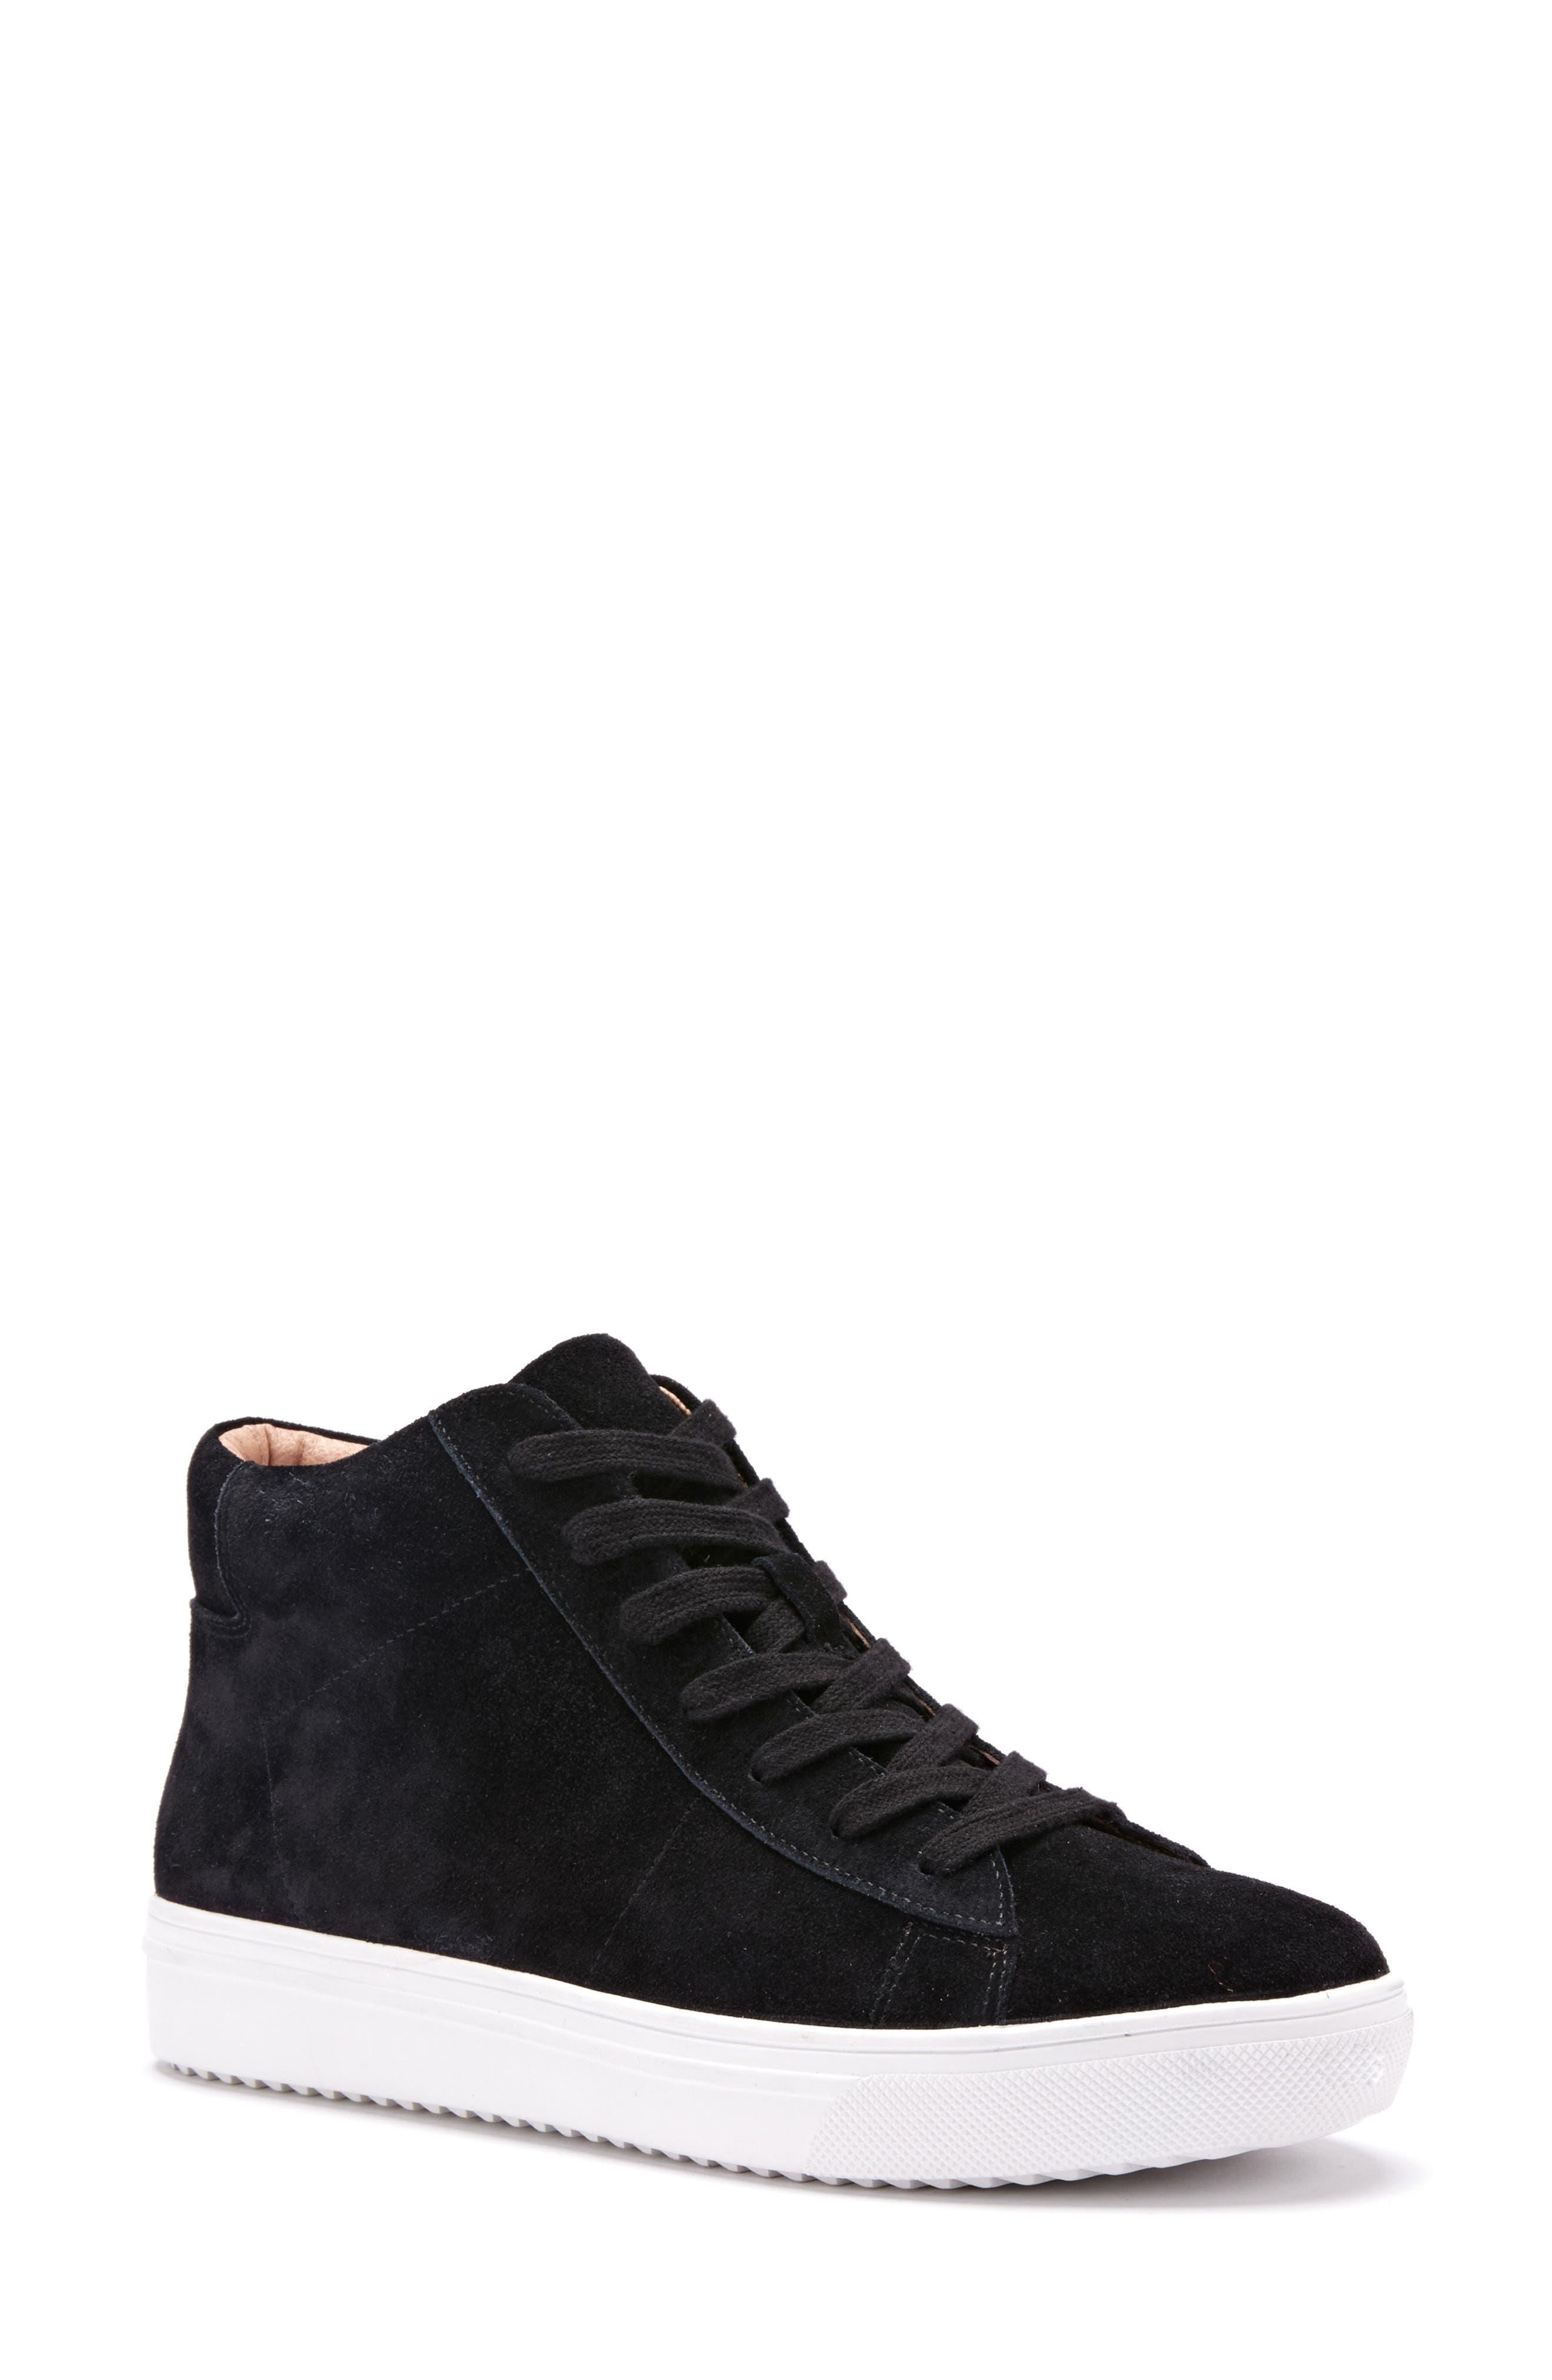 Jax Waterproof High Top Sneaker,                         Main,                         color, Black Suede